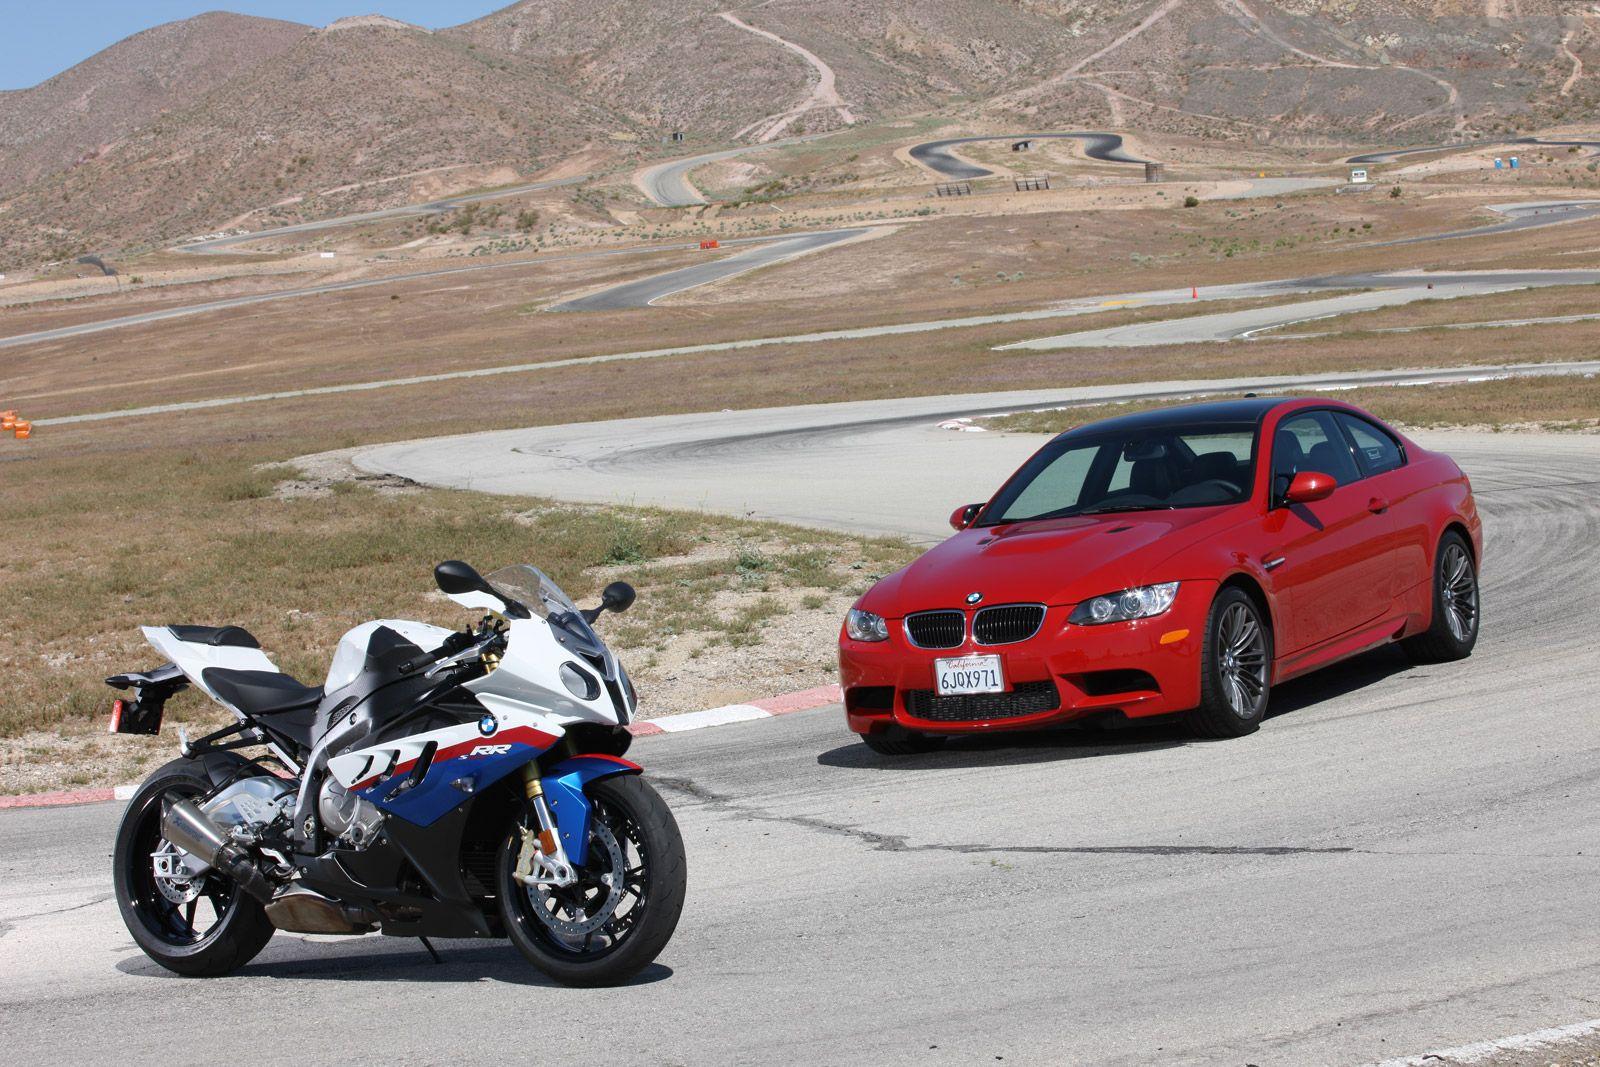 146-1006-01-2010-car-bike-03-1377503393.